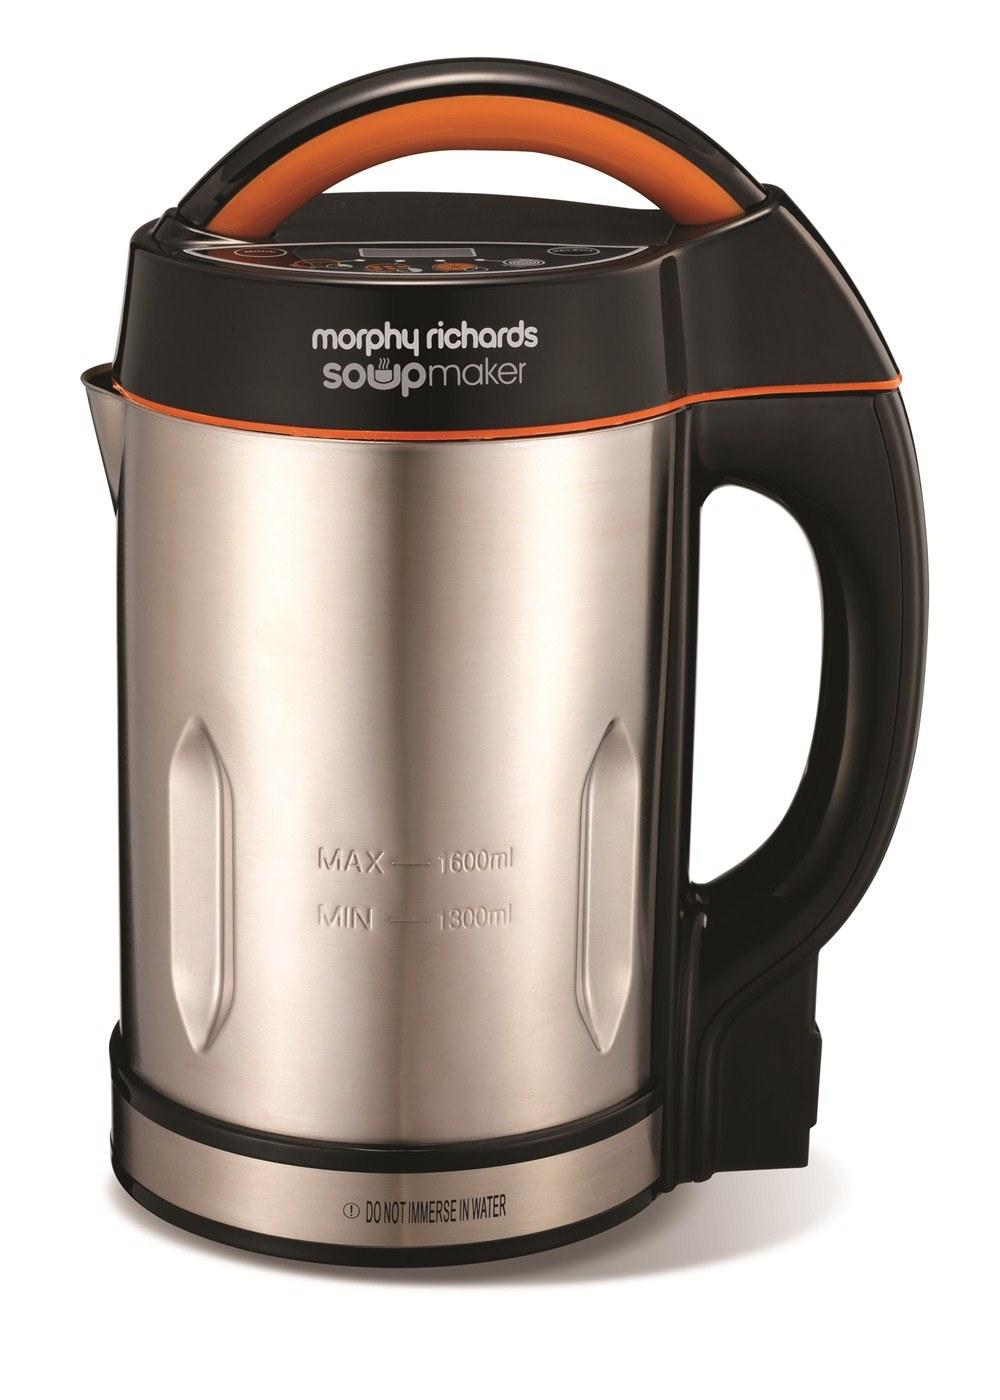 Morphy Richards 48822 1.6L Soup Maker for £39.99 (with code) delivered at Morphy Richards